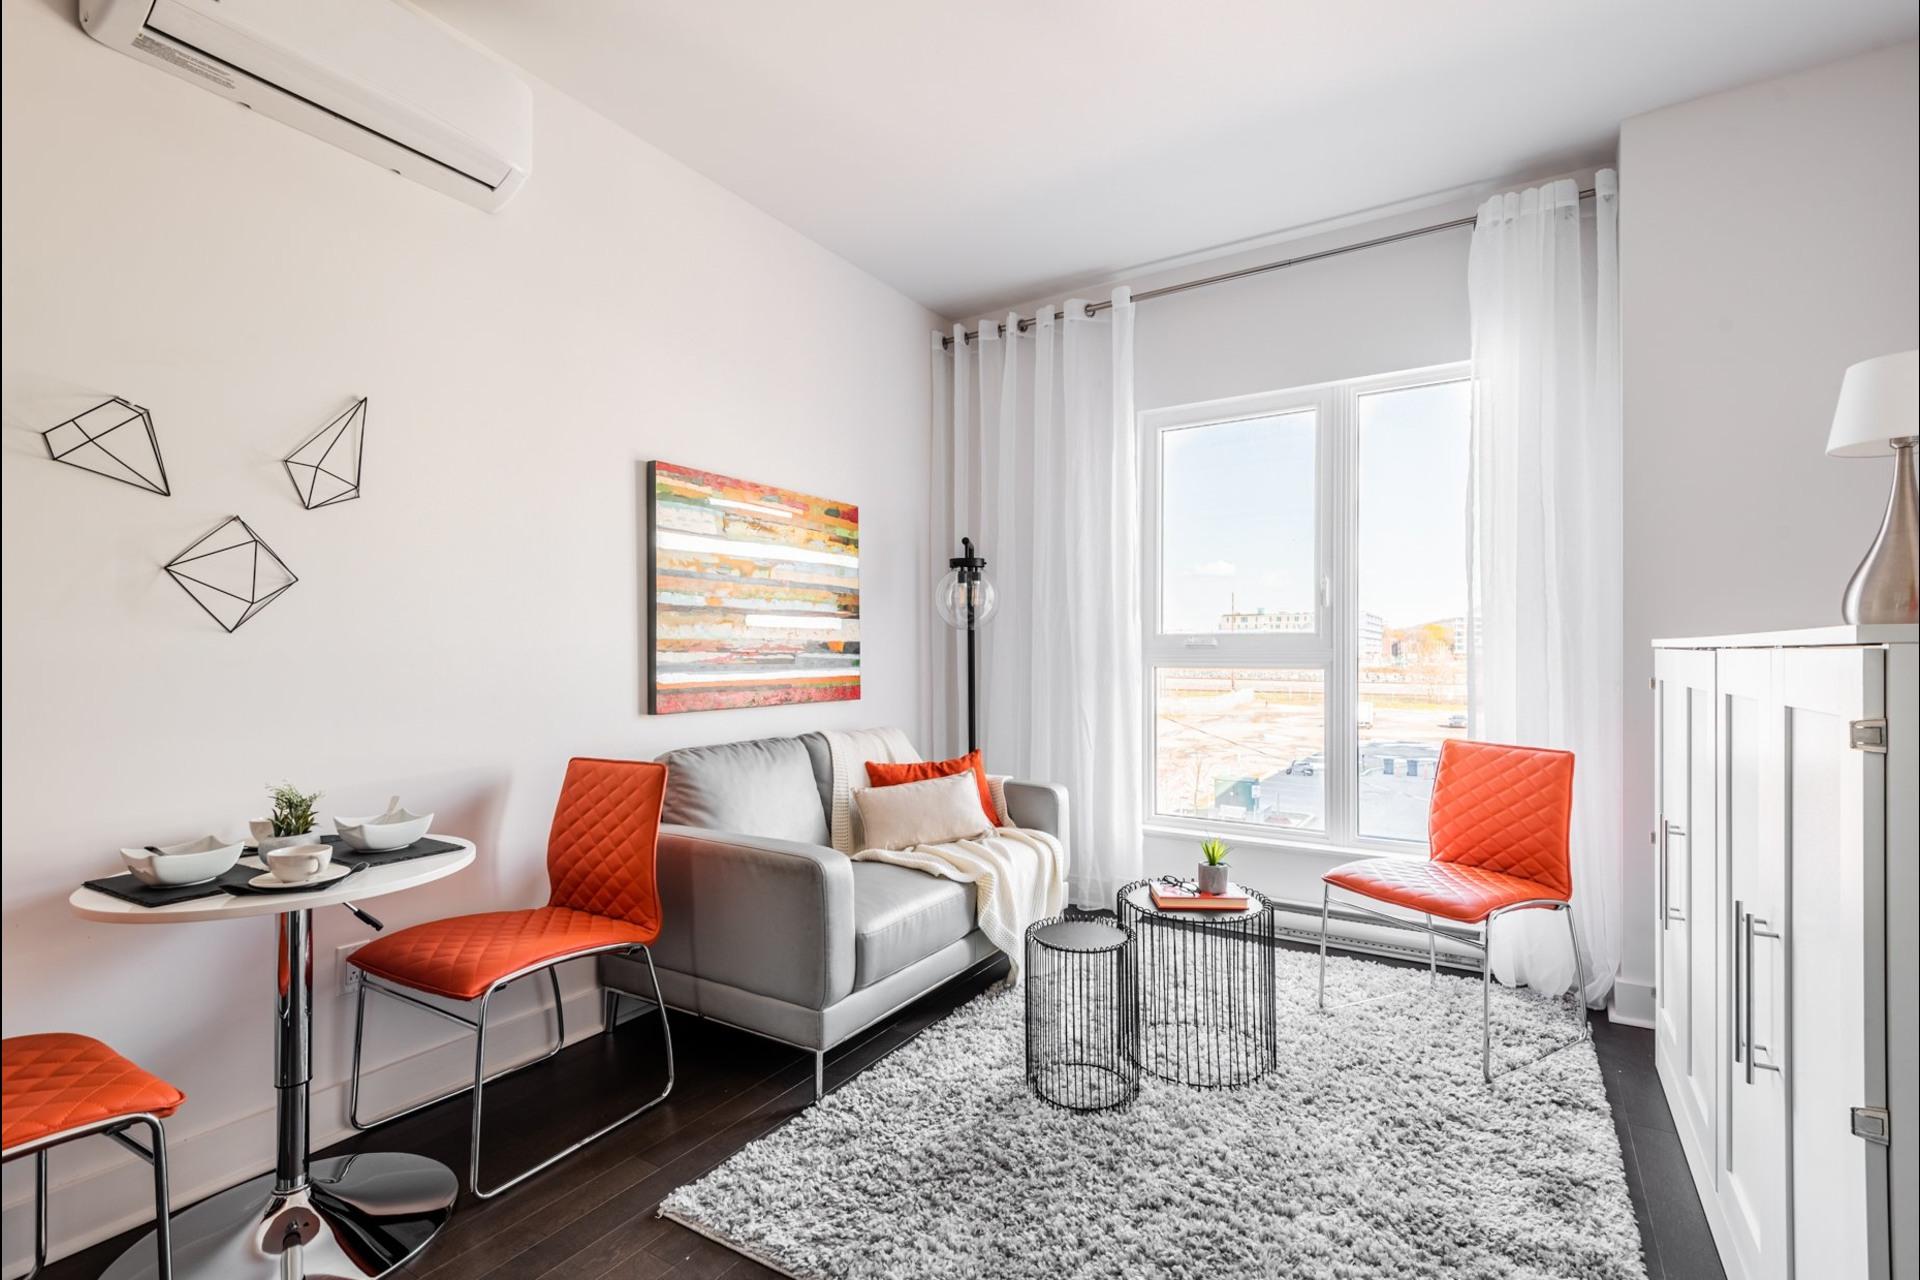 image 2 - Apartment For sale Villeray/Saint-Michel/Parc-Extension Montréal  - 3 rooms